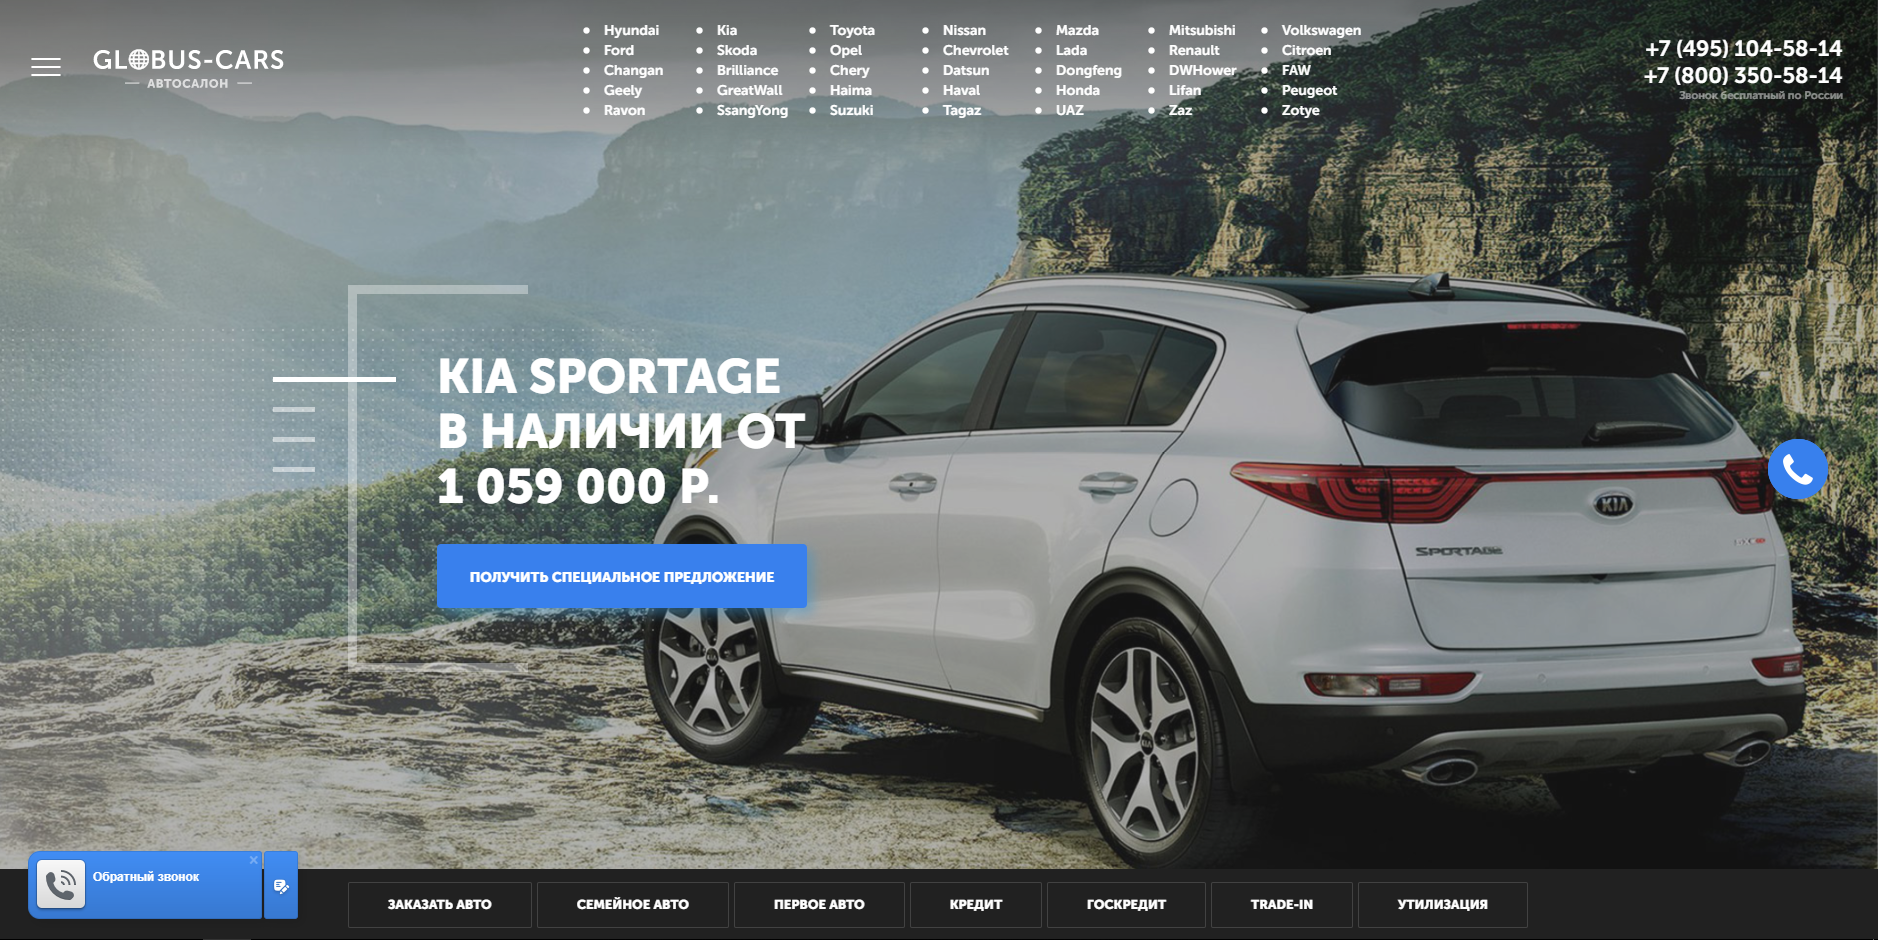 Официальный сайт Глобус-Карс cars-globus.ru